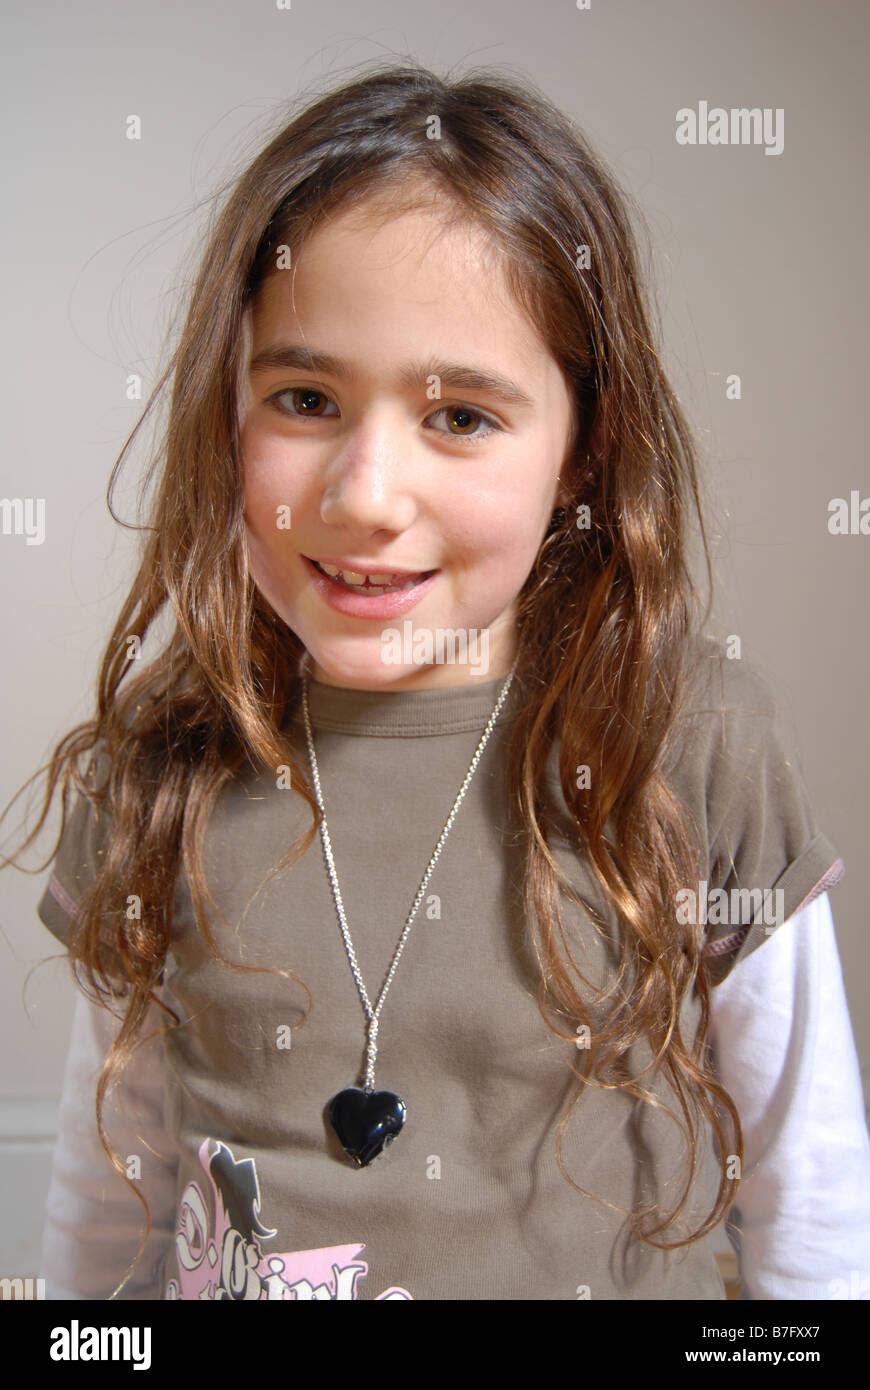 Junge Mit Langen Haaren Lächelnd Stockfoto Bild 21863359 Alamy